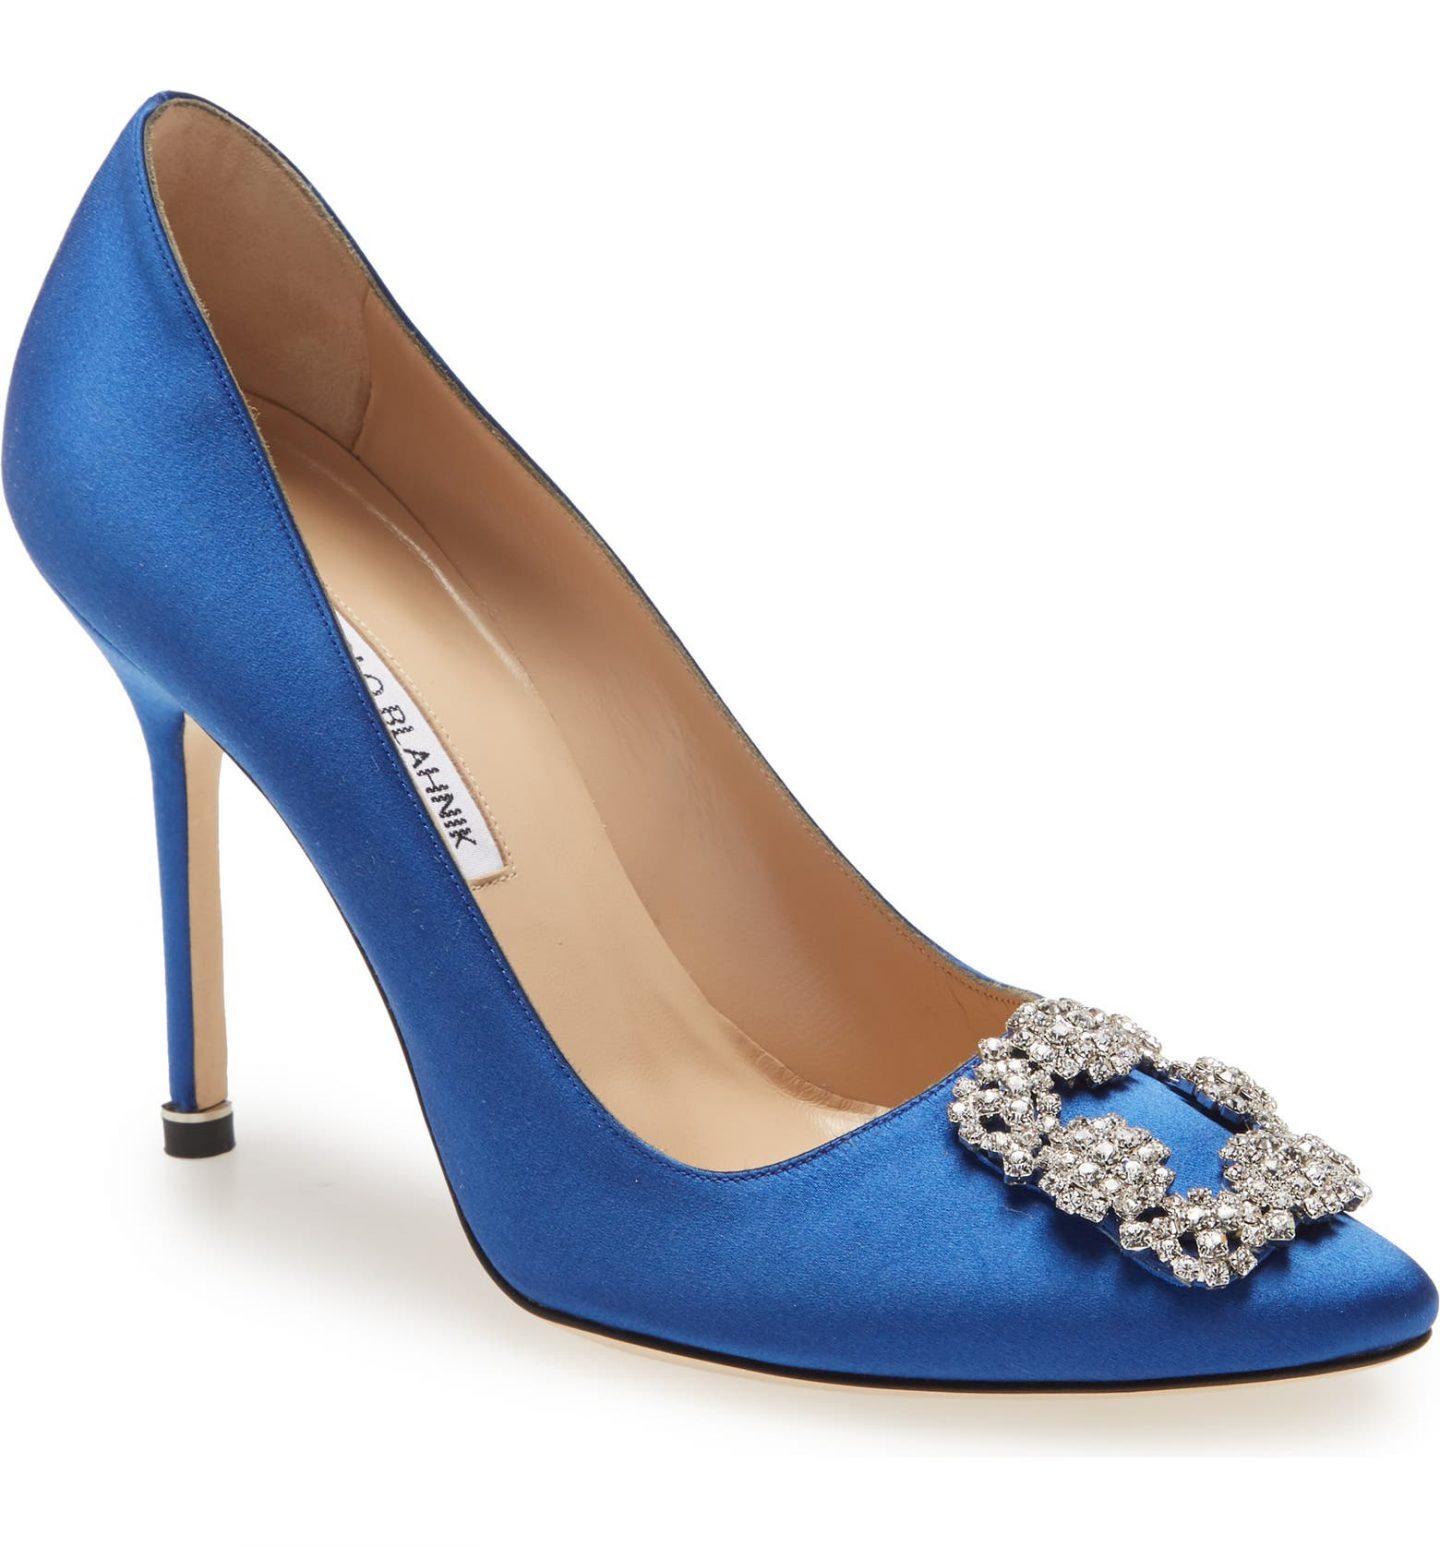 Blue Manolo Blahnik Hangisi heels